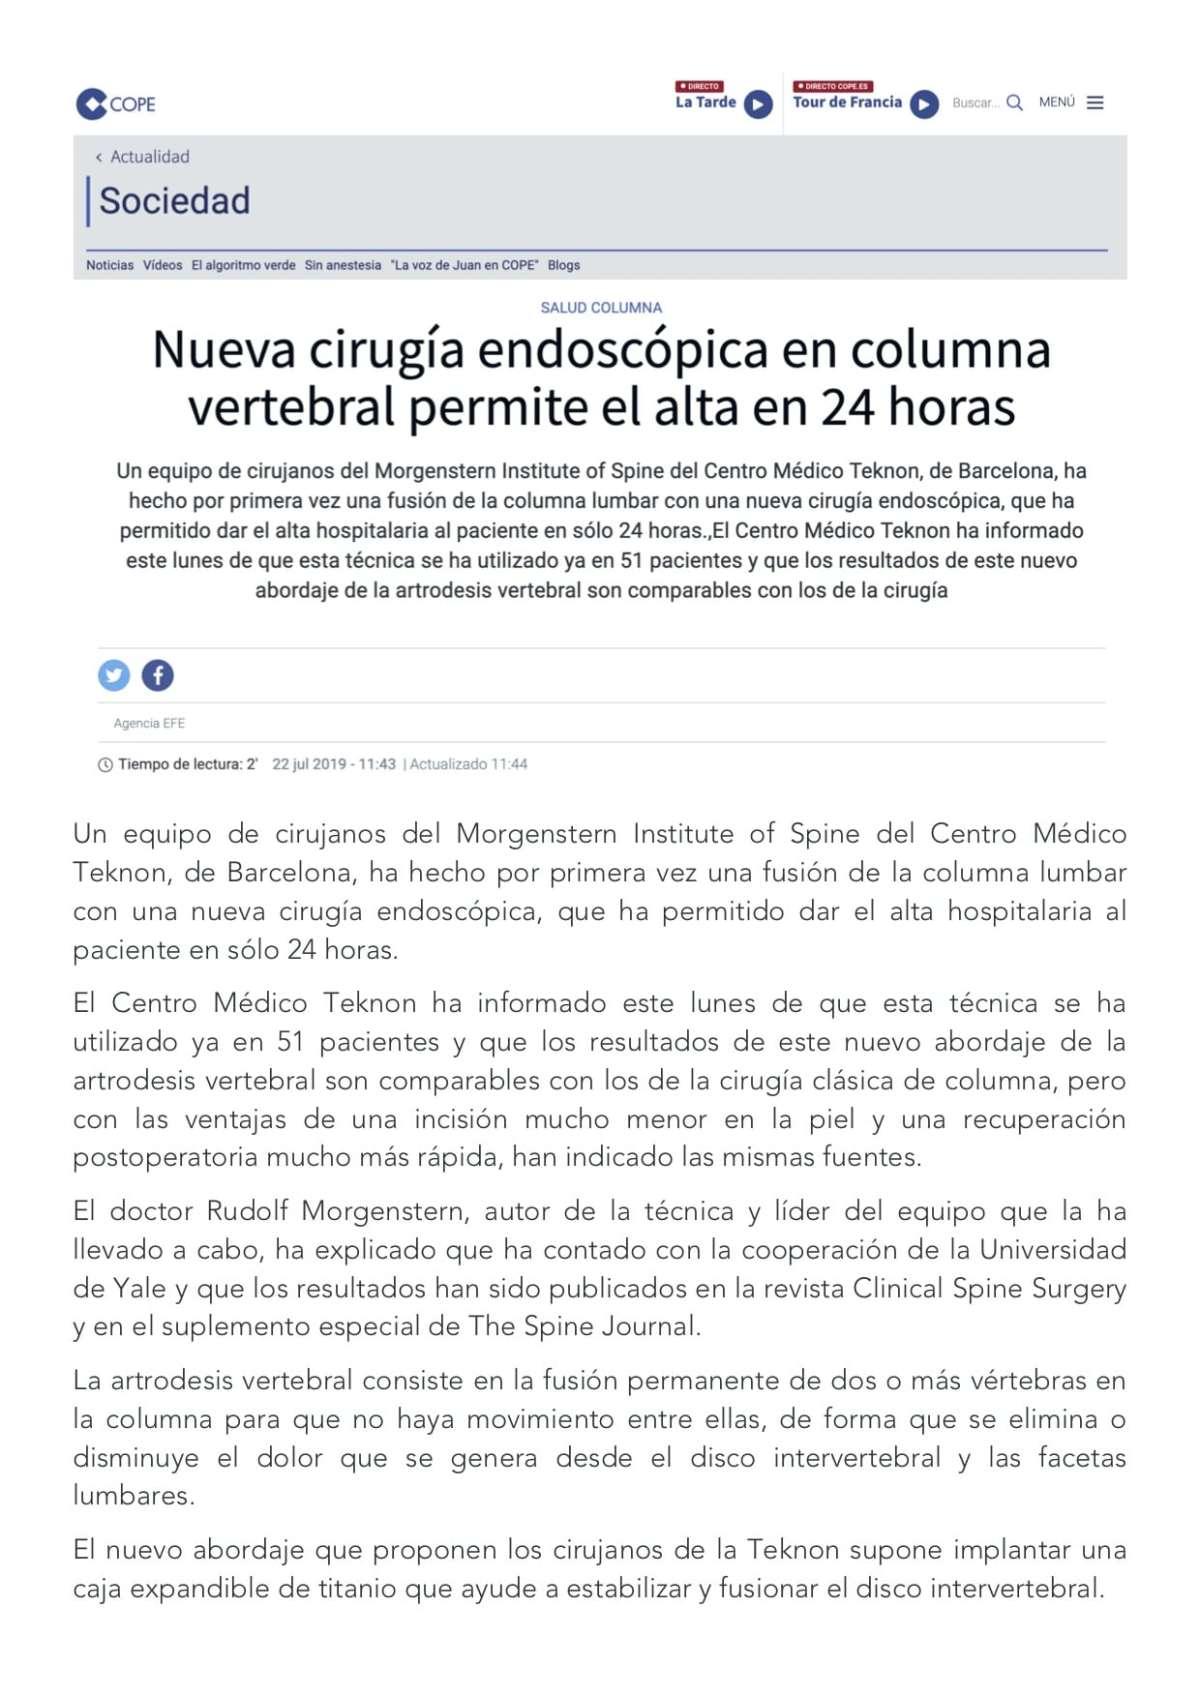 COPE - Un equipo de cirujanos del Morgenstern Institute of Spine del Centro Médico Teknon